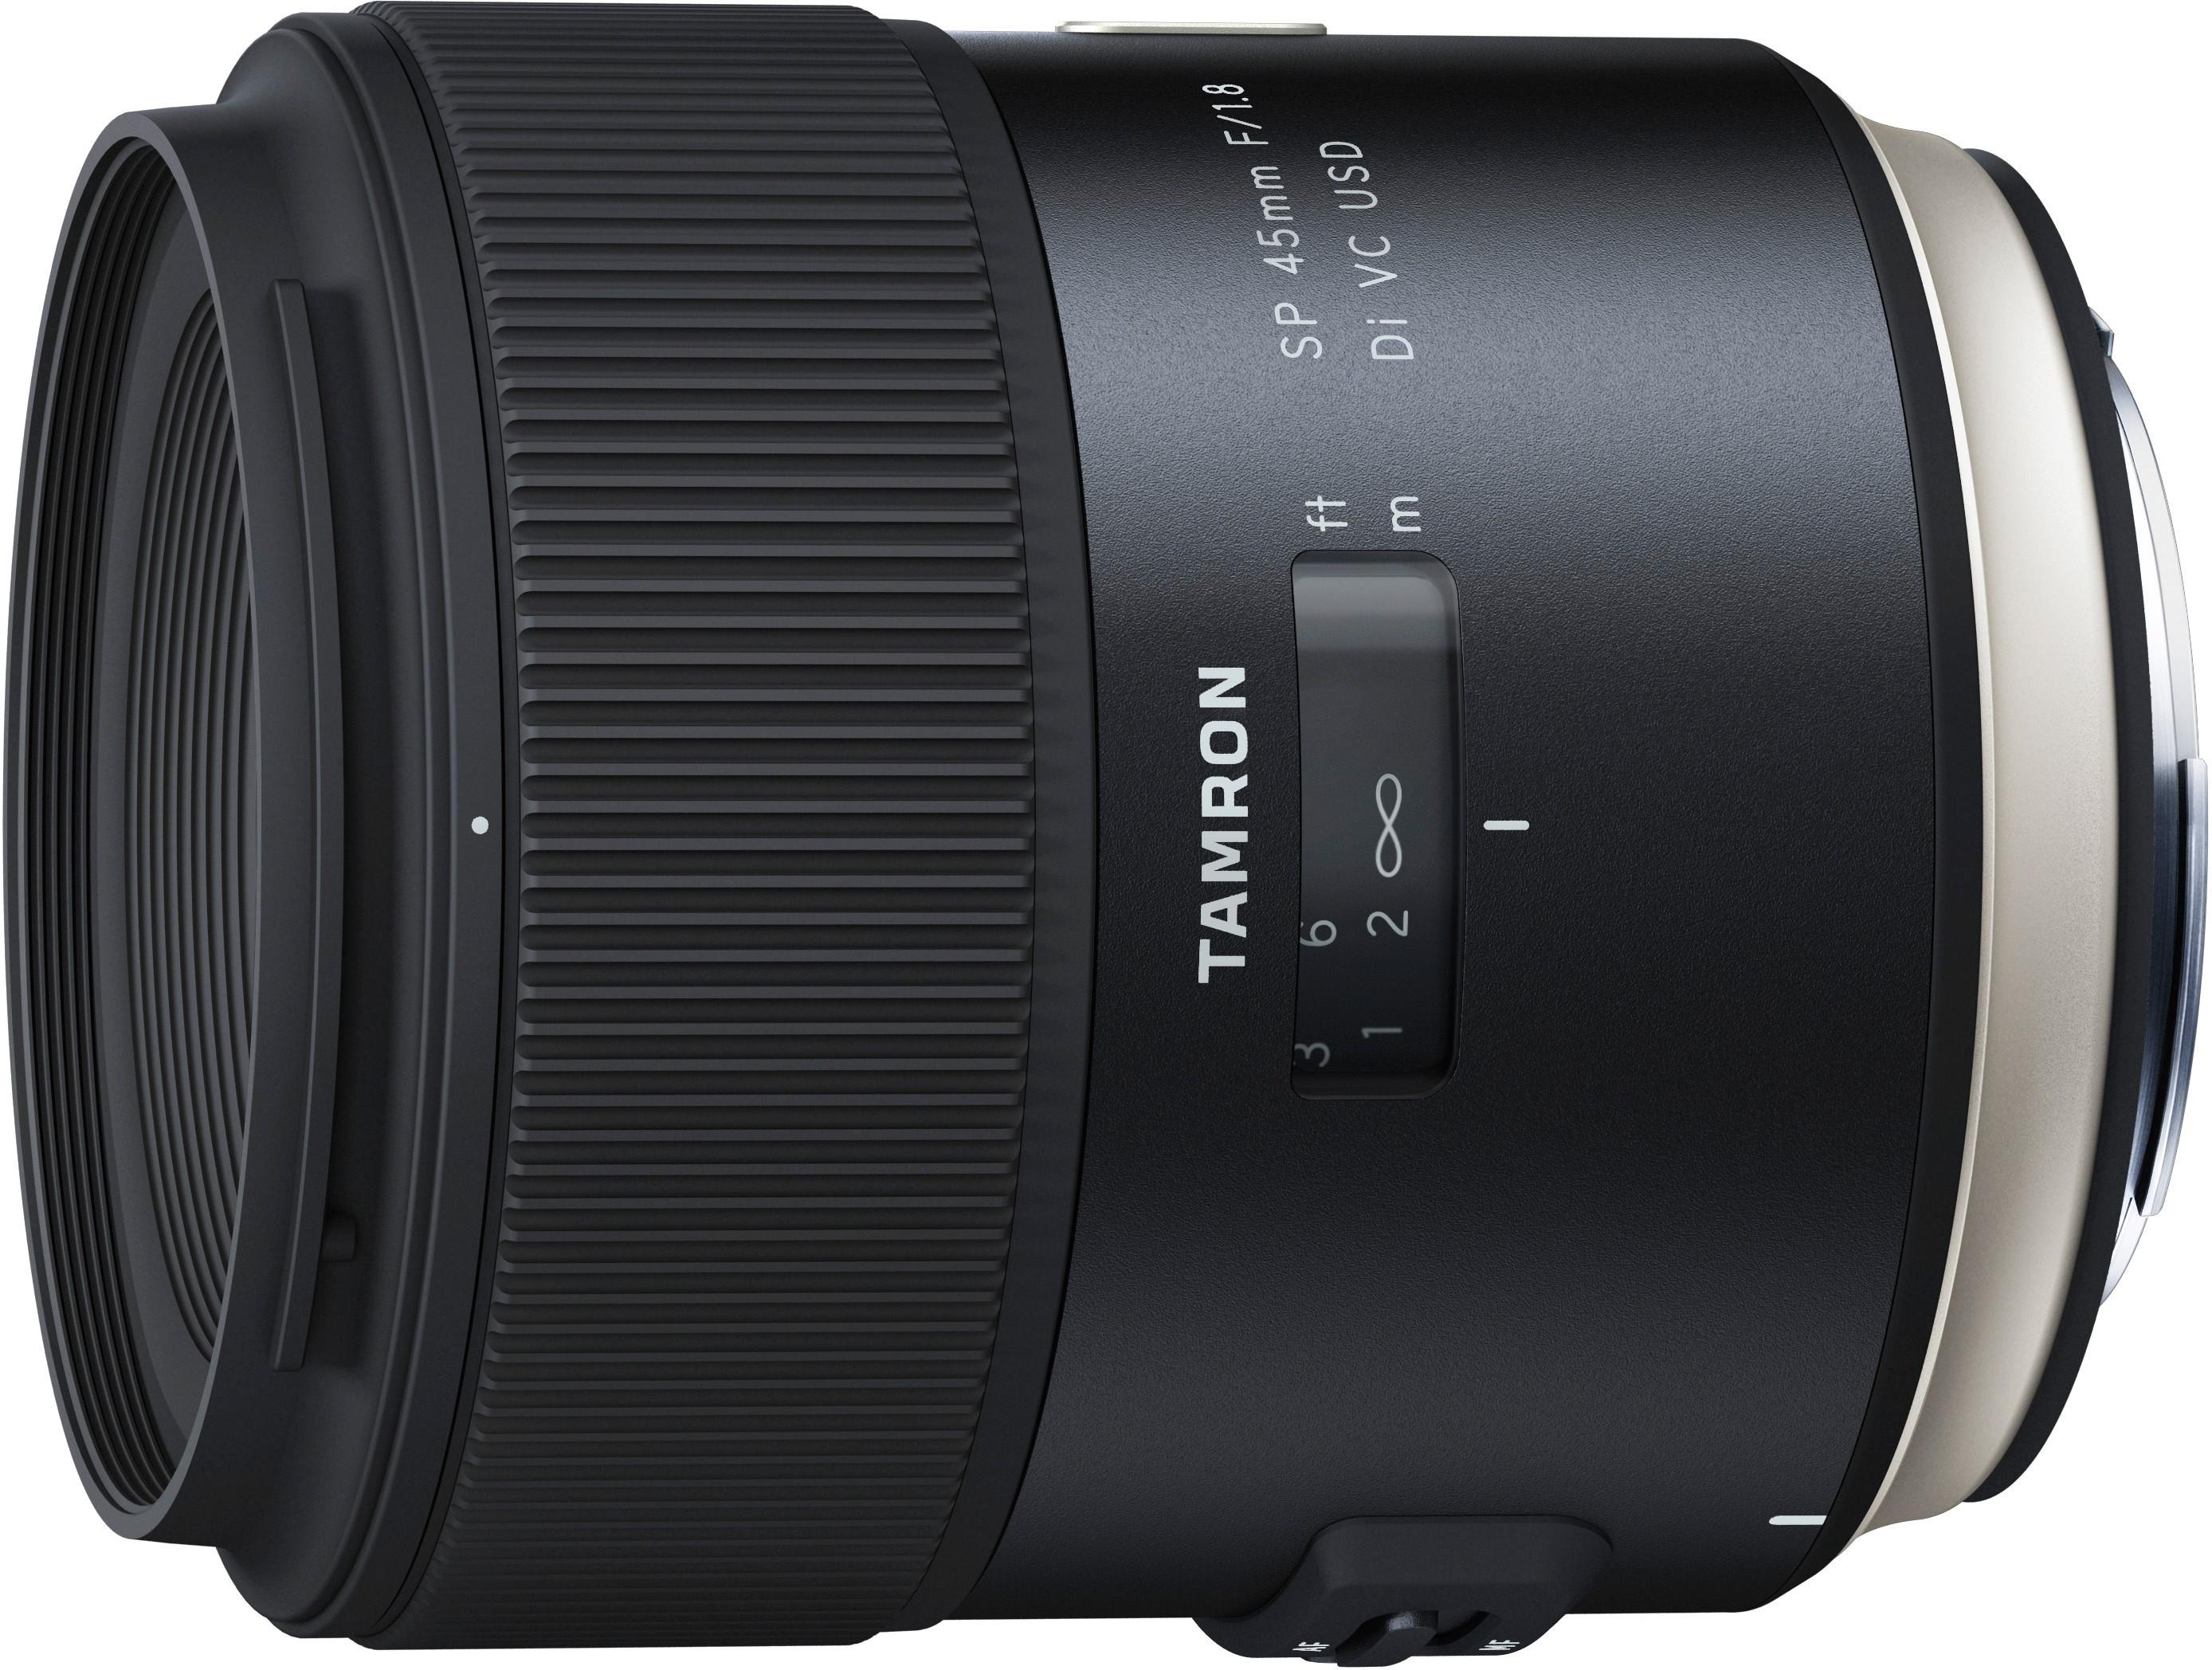 Tamron SP 45mm f/1.8 Di VC USD objektiiv..